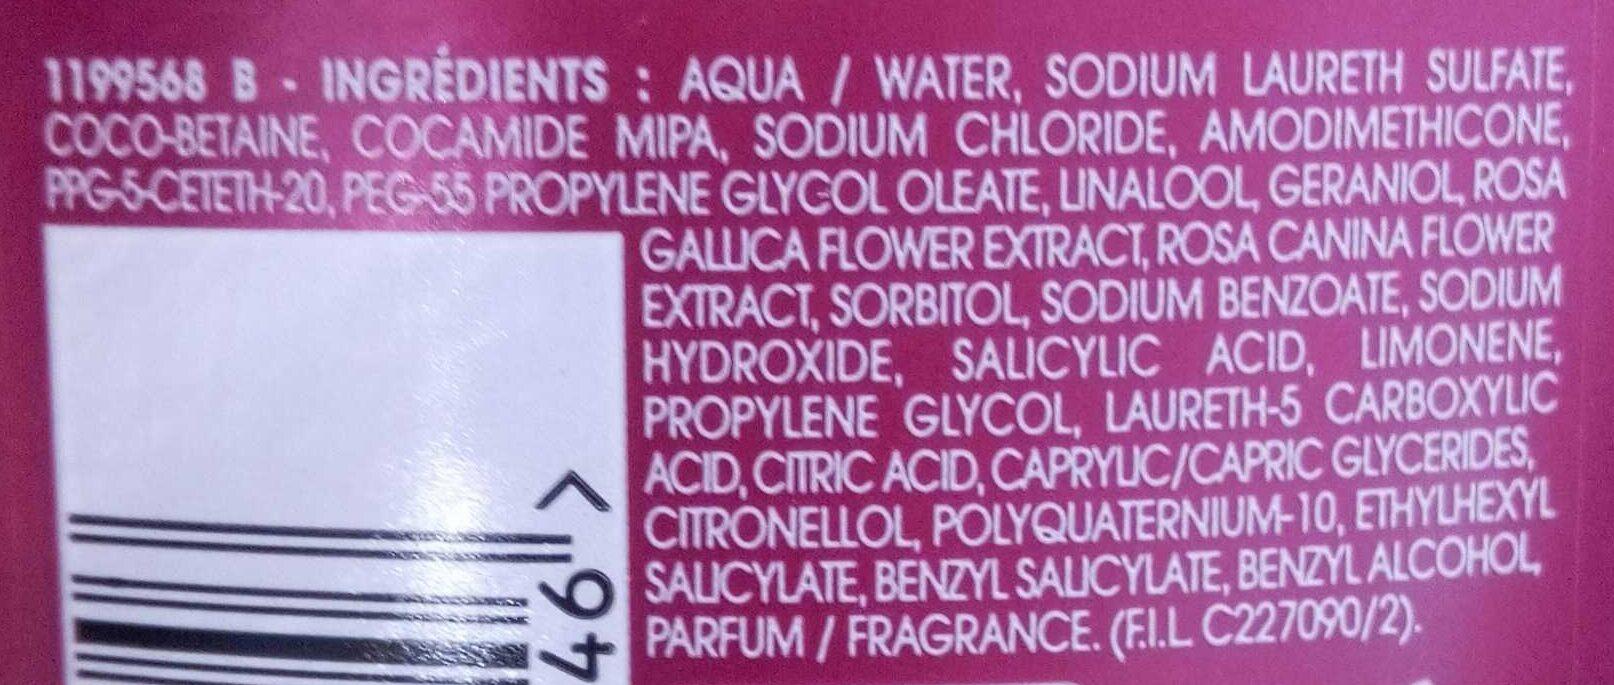 Shampooing couleur répateur - Ingredients